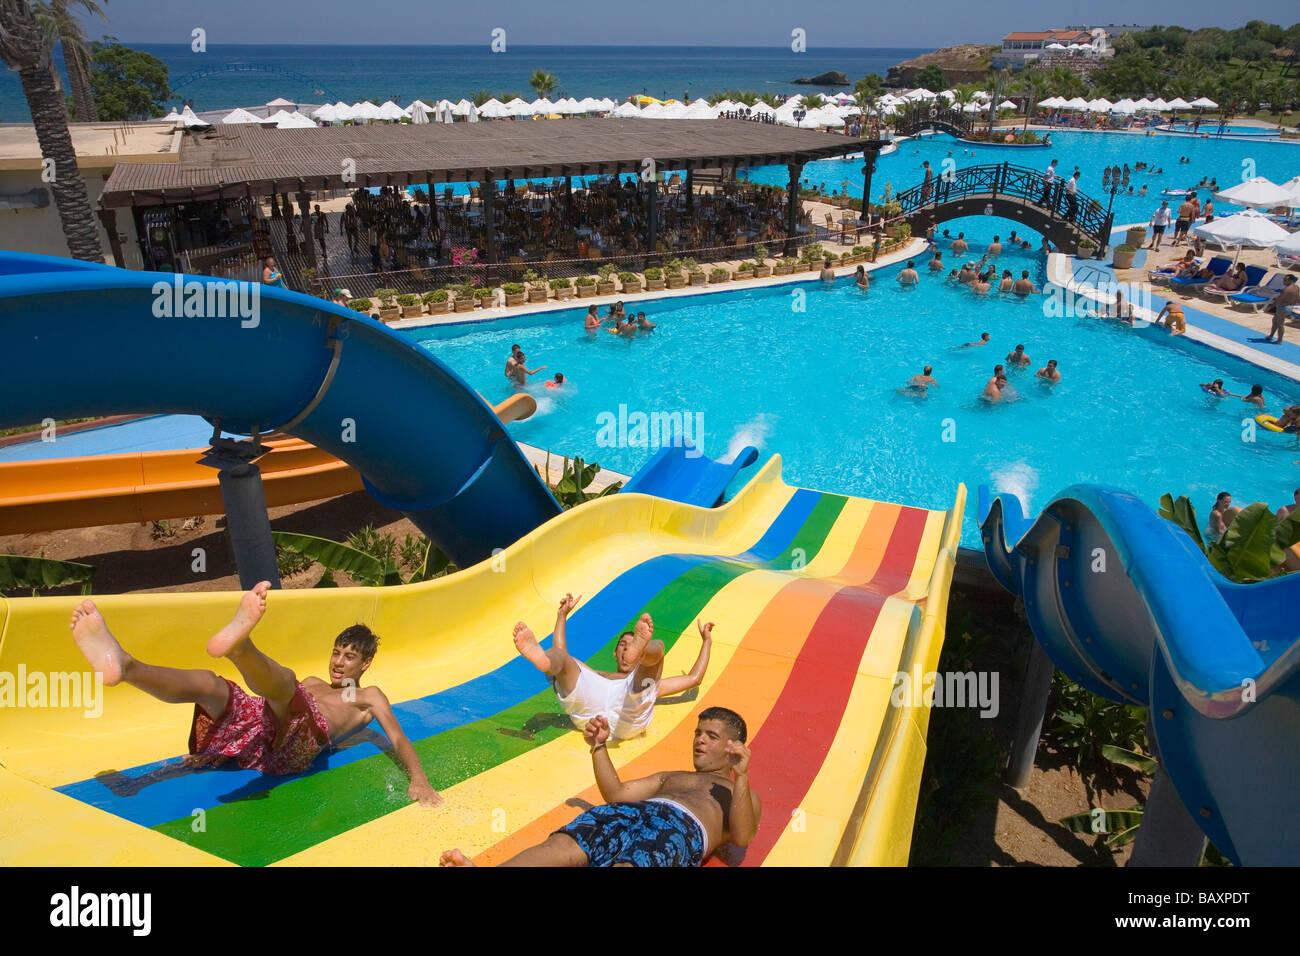 Ryazan, Acapulco Water Park: Description, Photos and Reviews 55